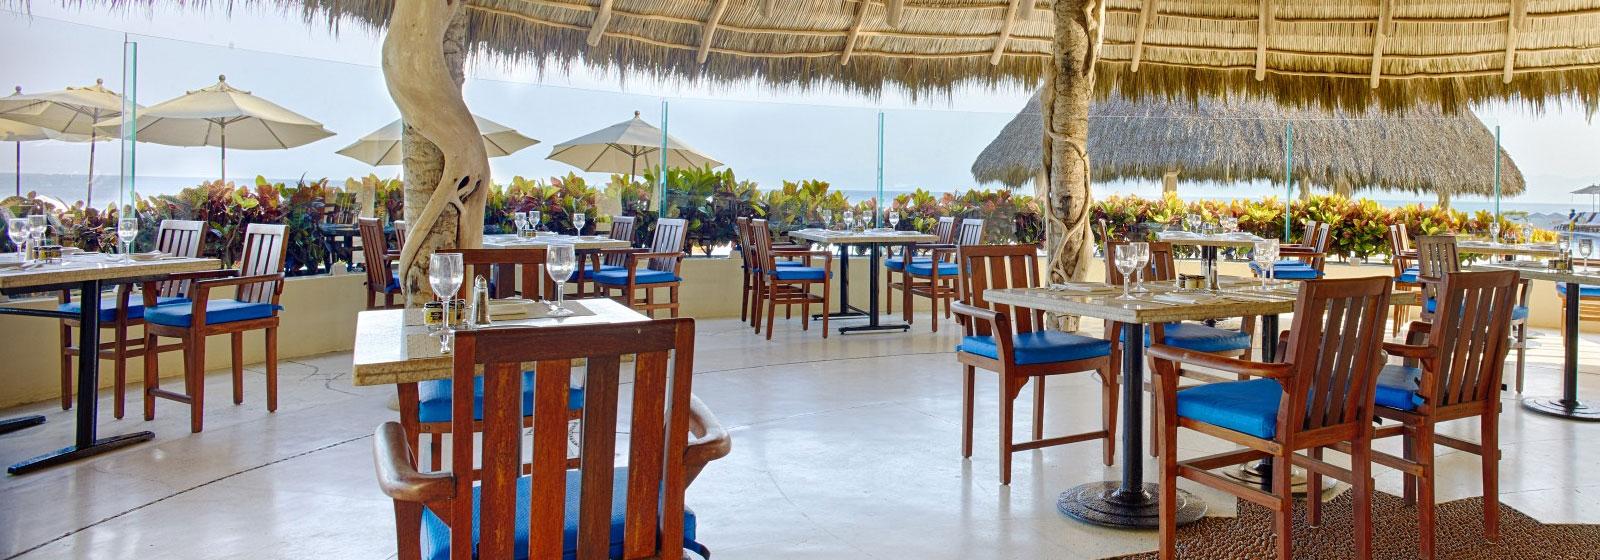 Grand Velas Riviera Nayarit Selva del Mar Restaurant